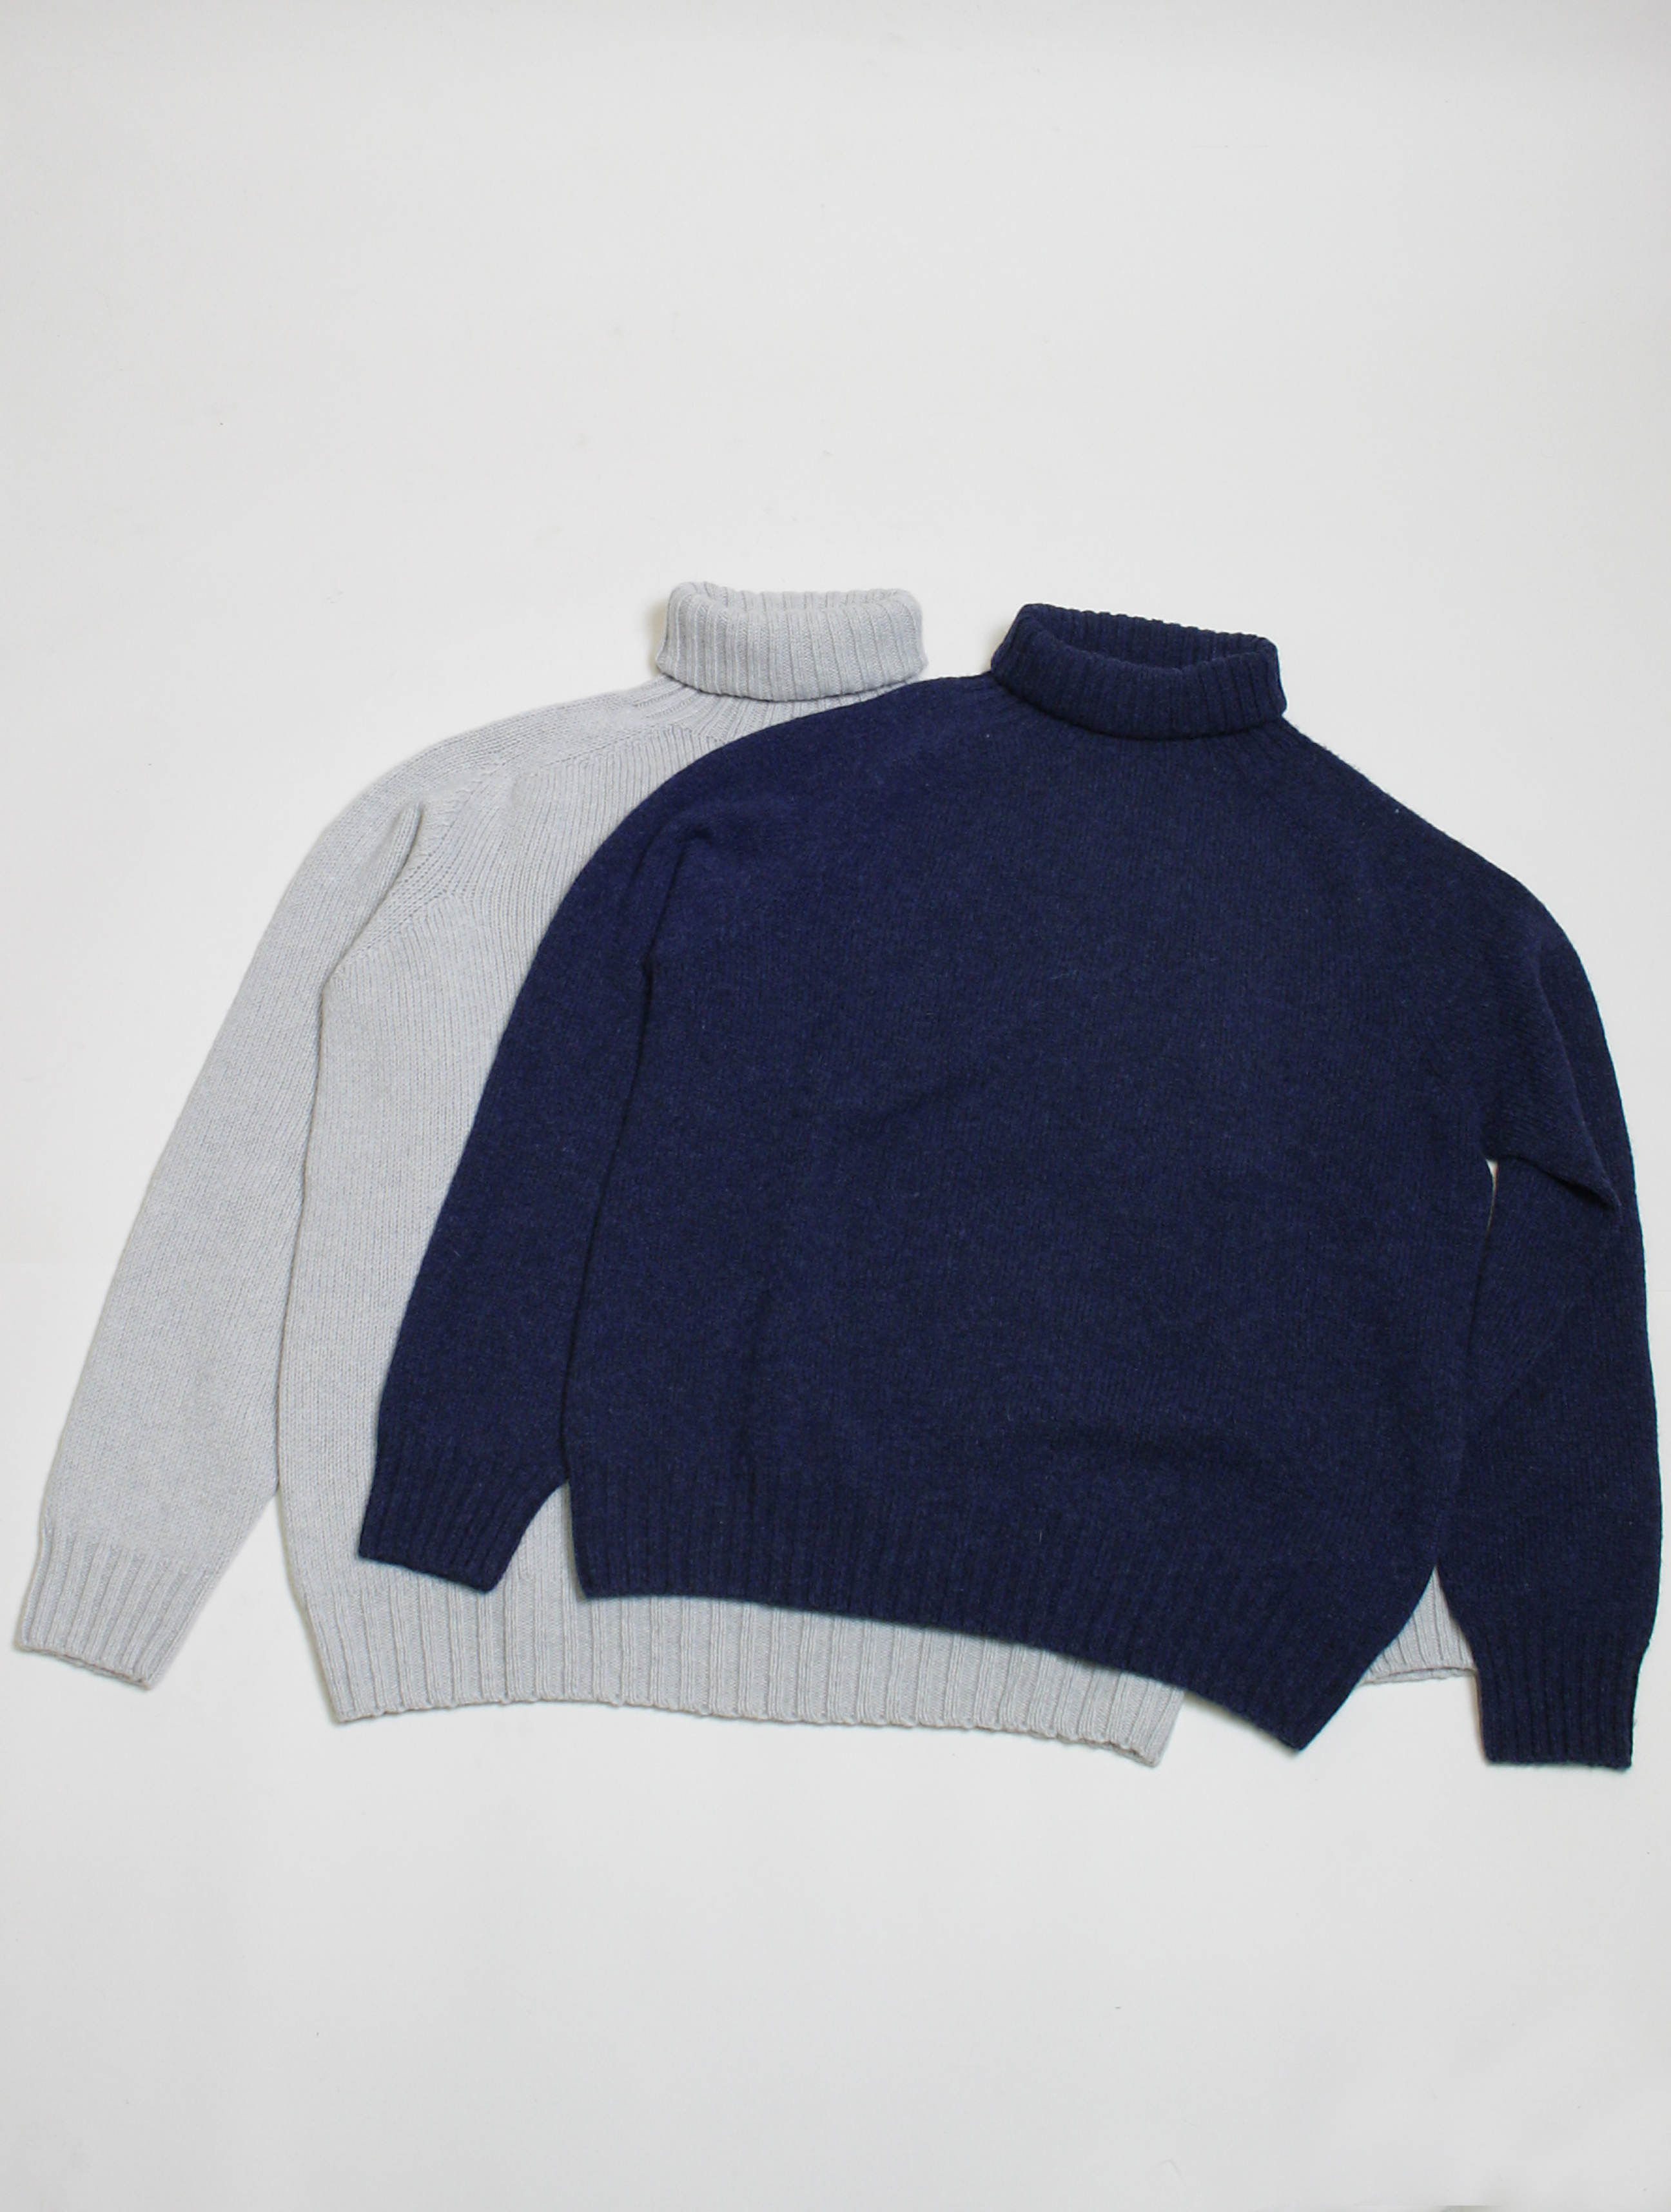 Harley of Scotland maglione a collo alto L3874 Agate dettaglio colori